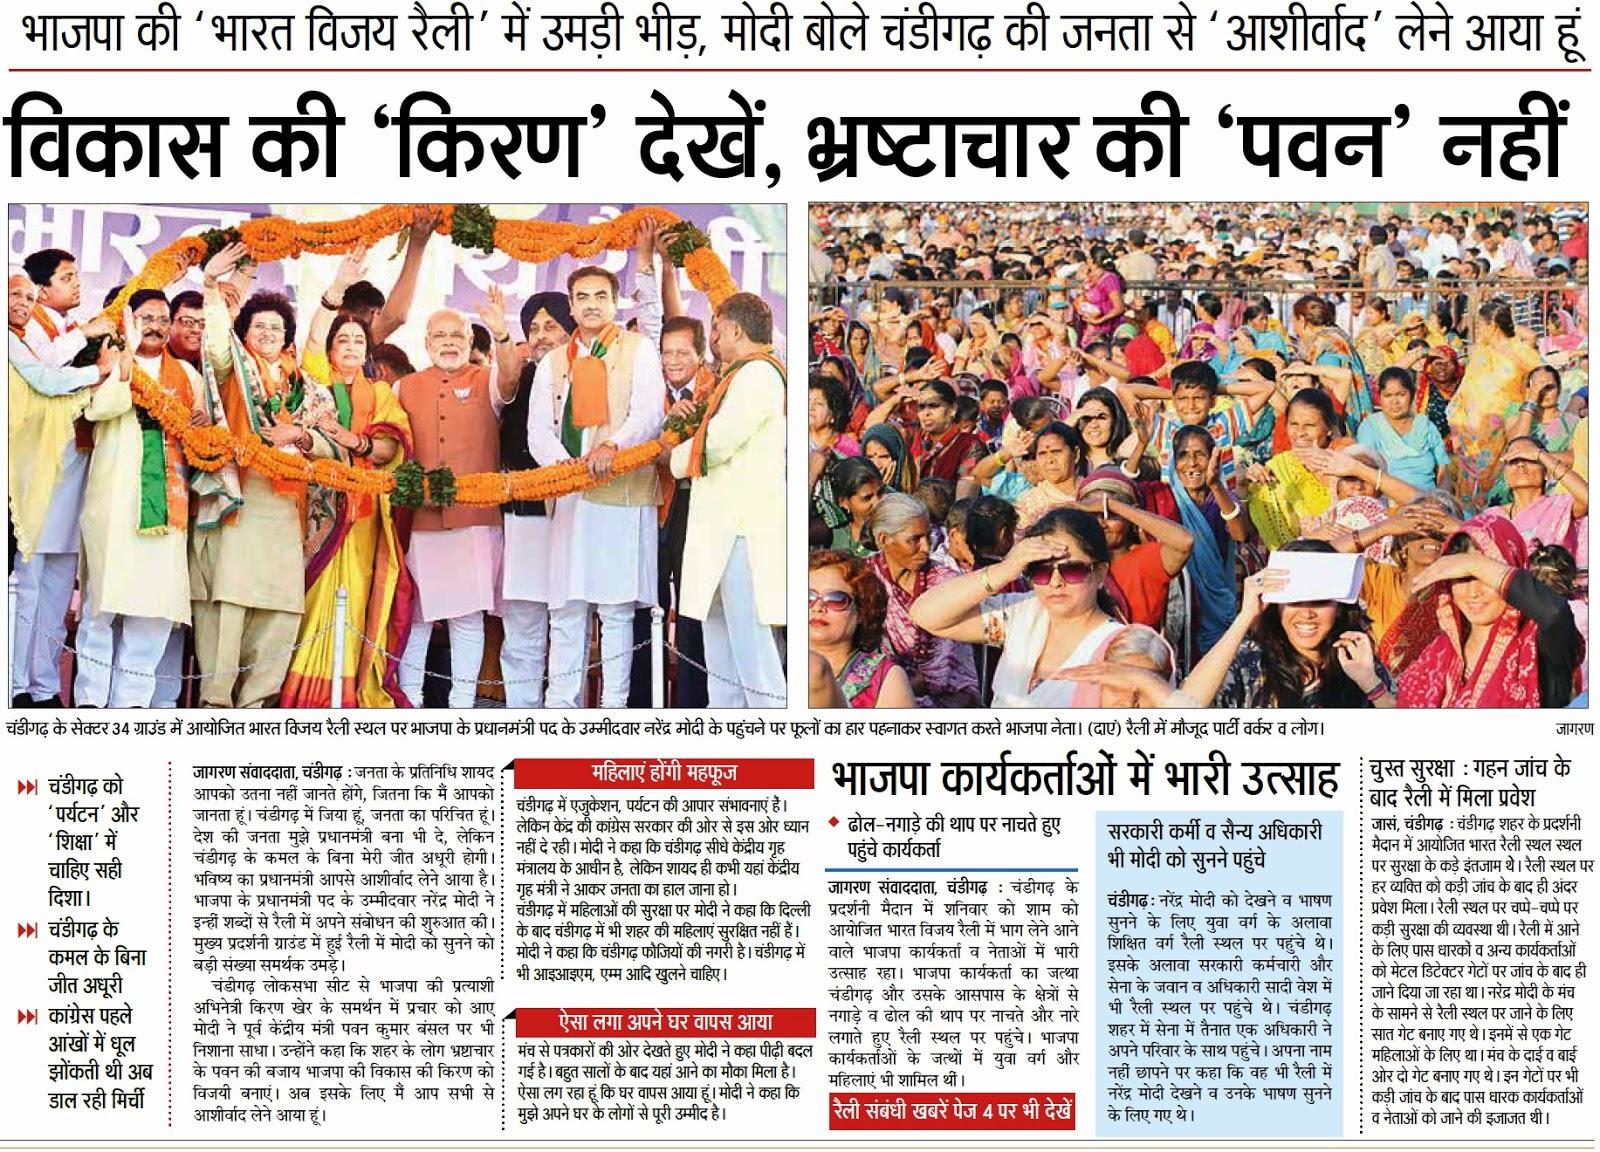 चंडीगढ़ के सेक्टर 34 ग्राउंड में आयोजित भारत विजय रैली स्थल पर भाजपा के प्रधानमंत्री पद के उम्मीदवार नरेंद्र मोदी के पहुंचने पर फूलों का हार पहनाकर स्वागत करते भाजपा के पूर्व सांसद सत्य पाल जैन व अन्य